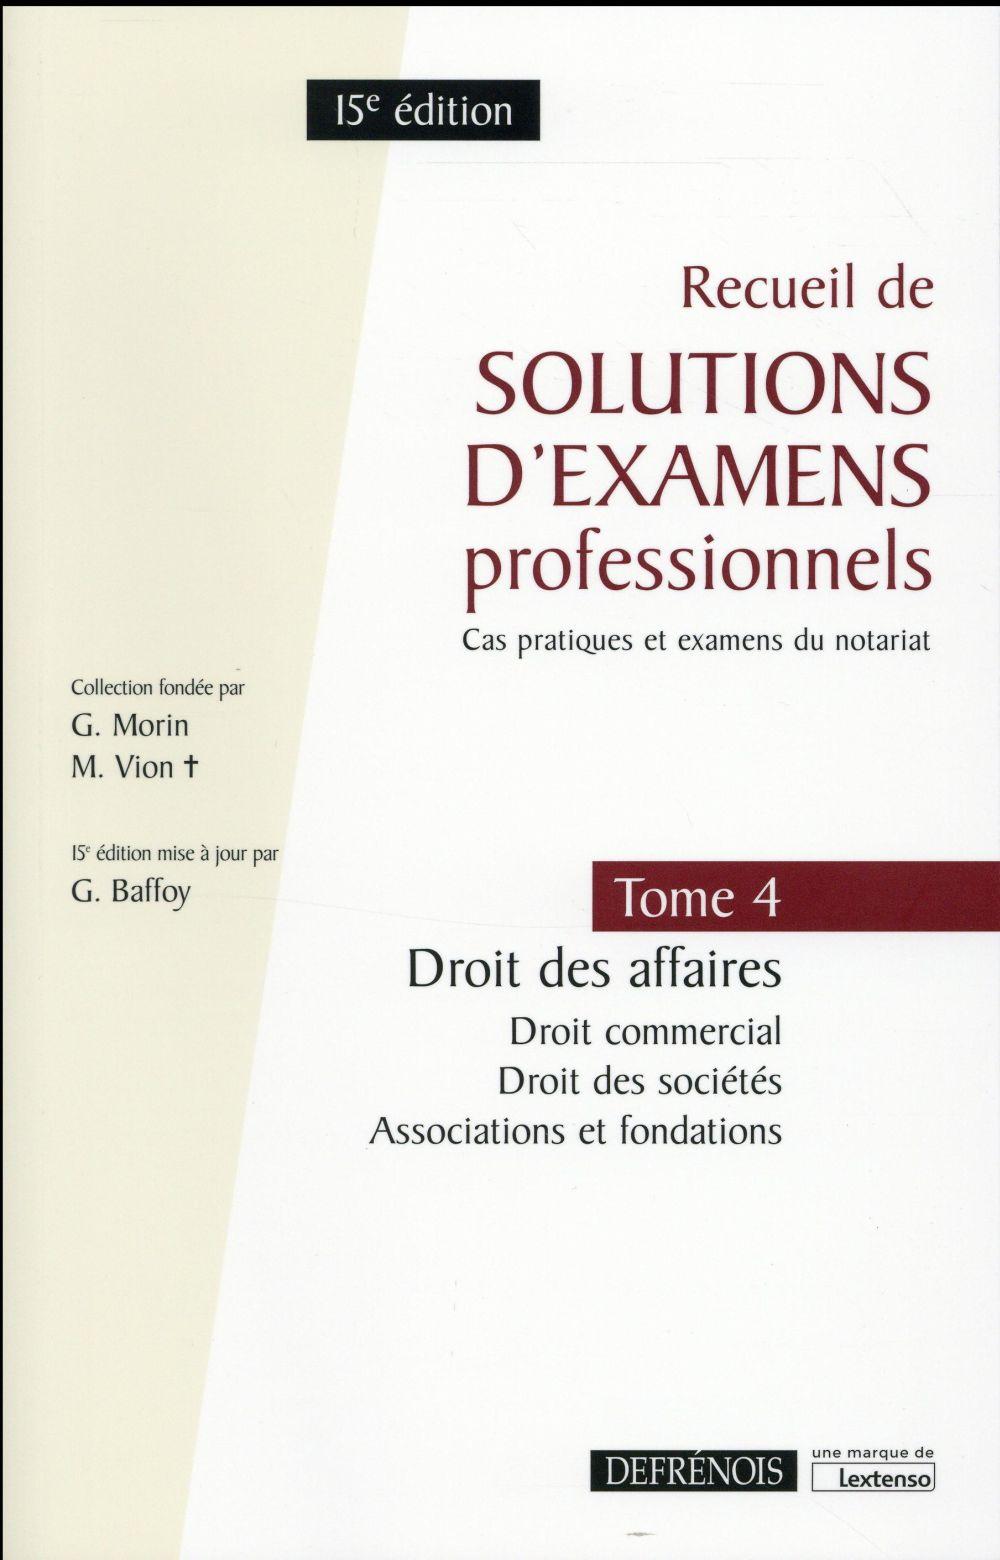 Recueil de solutions d'examens professionnels t.4 ; droit des affaires (15e édition)